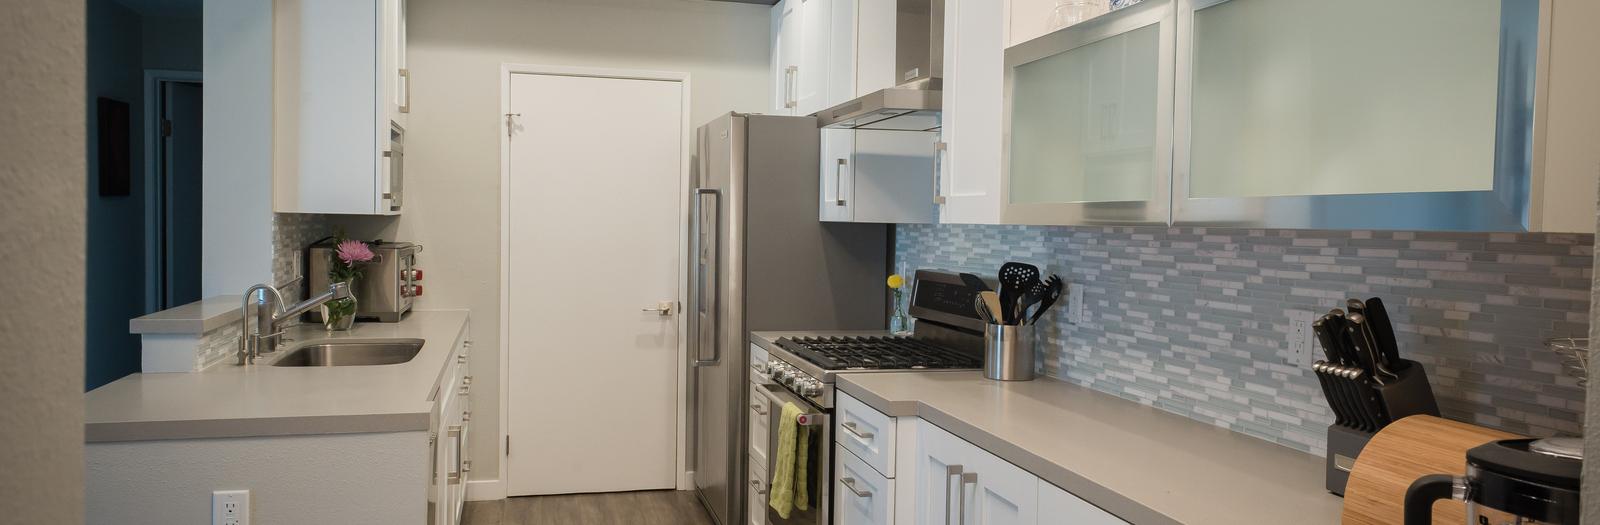 Kitchen Remodel Hiram